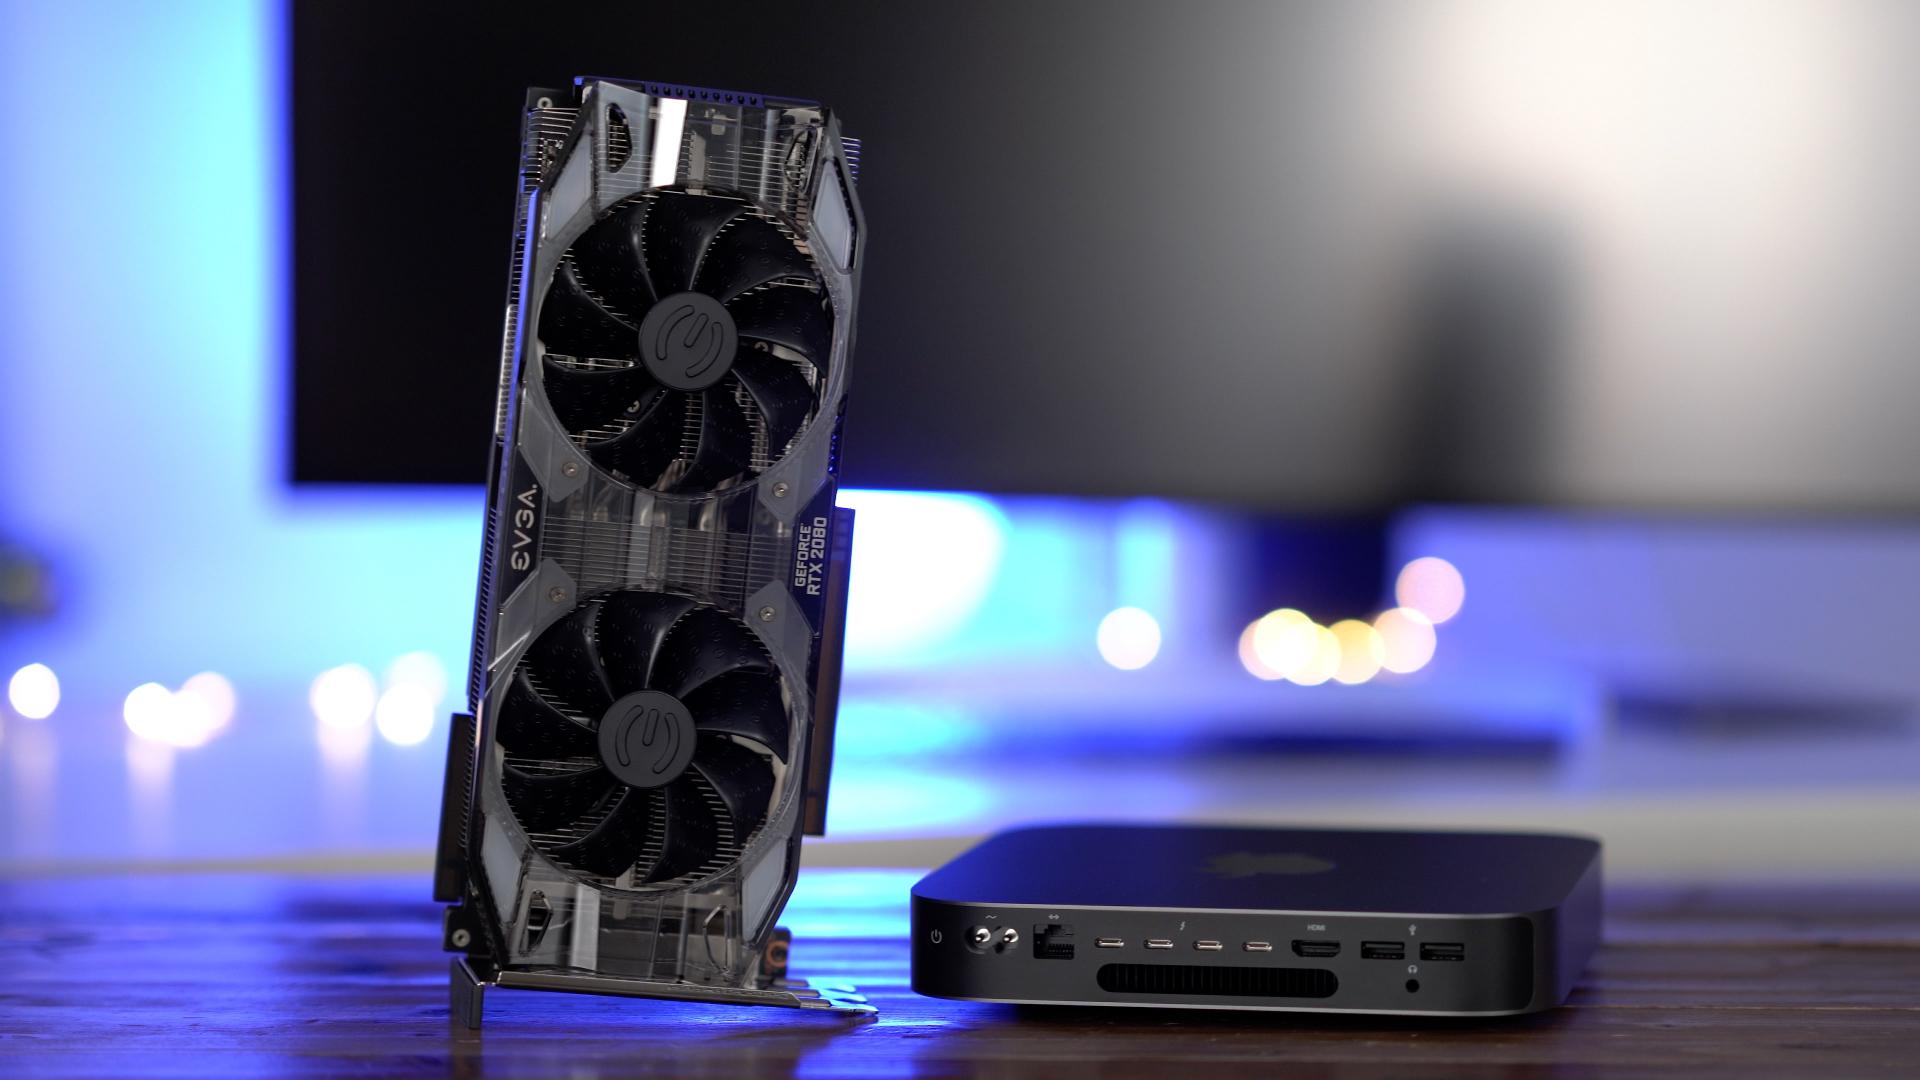 How to: 2018 Mac mini + Nvidia GeForce RTX 2080 eGPU Windows gaming